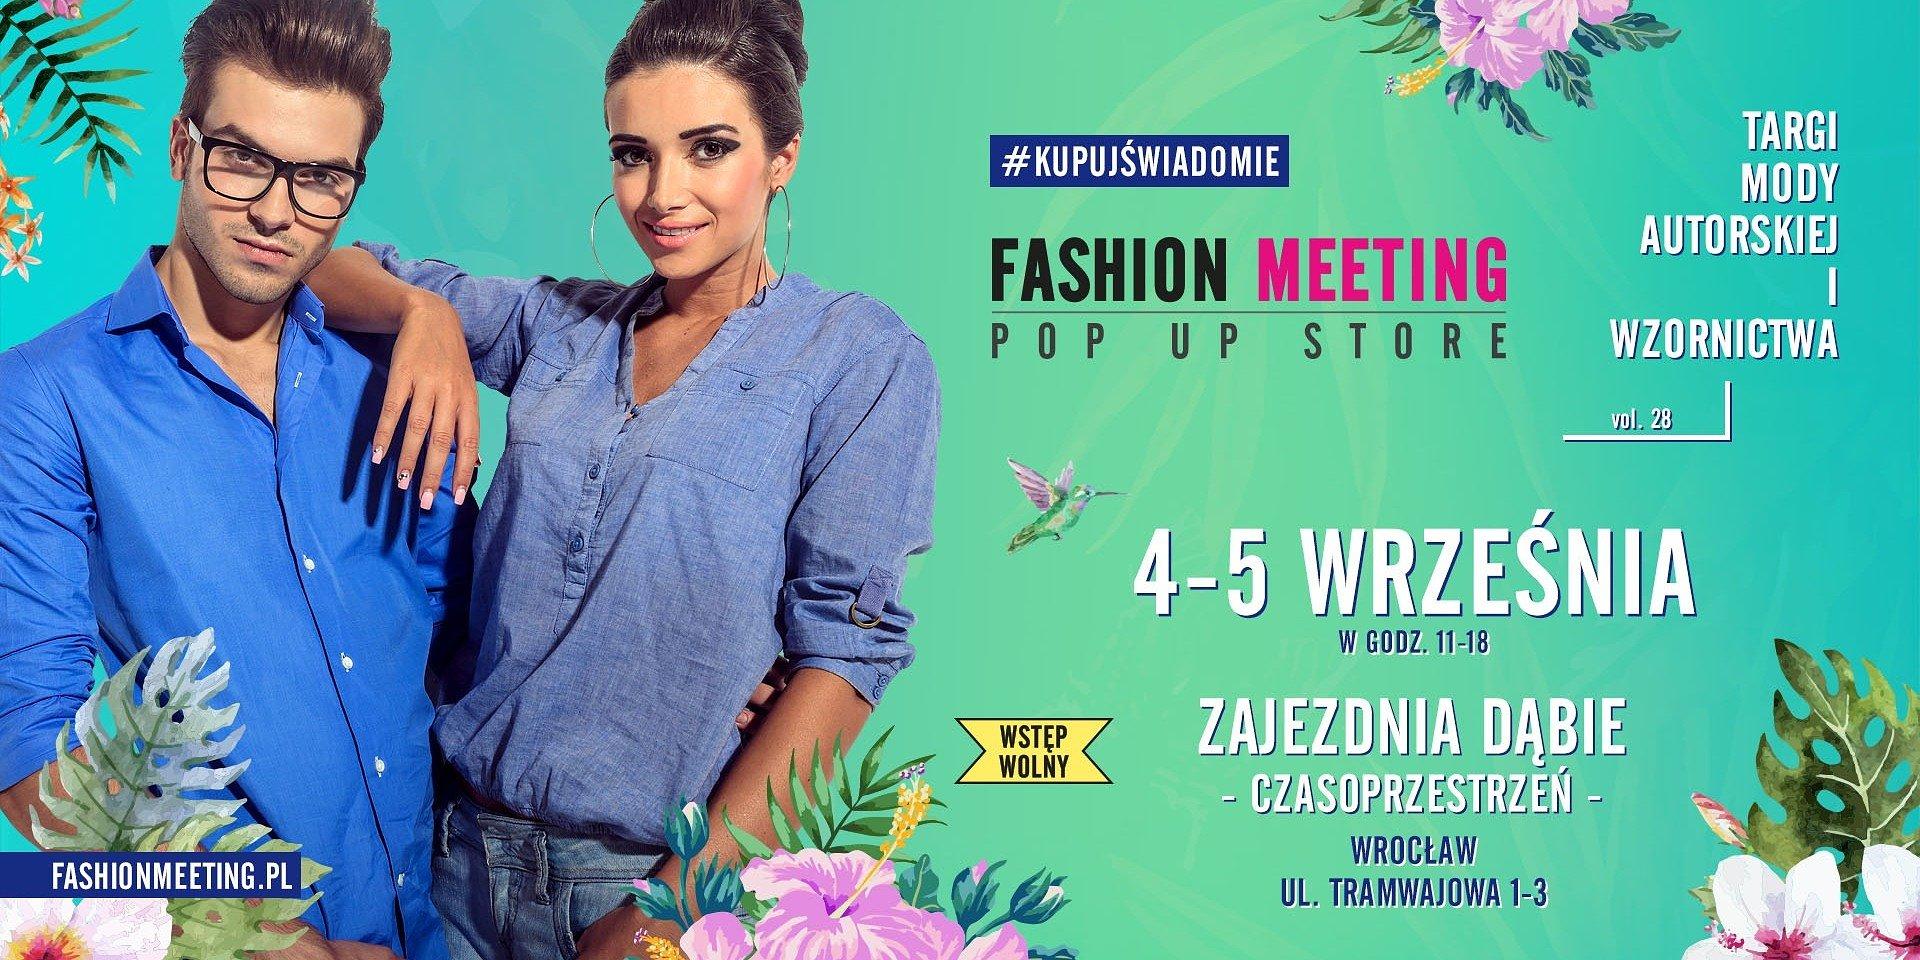 Targi mody autorskiej Fashion Meeting - Domodi patronem medialnym wydarzenia